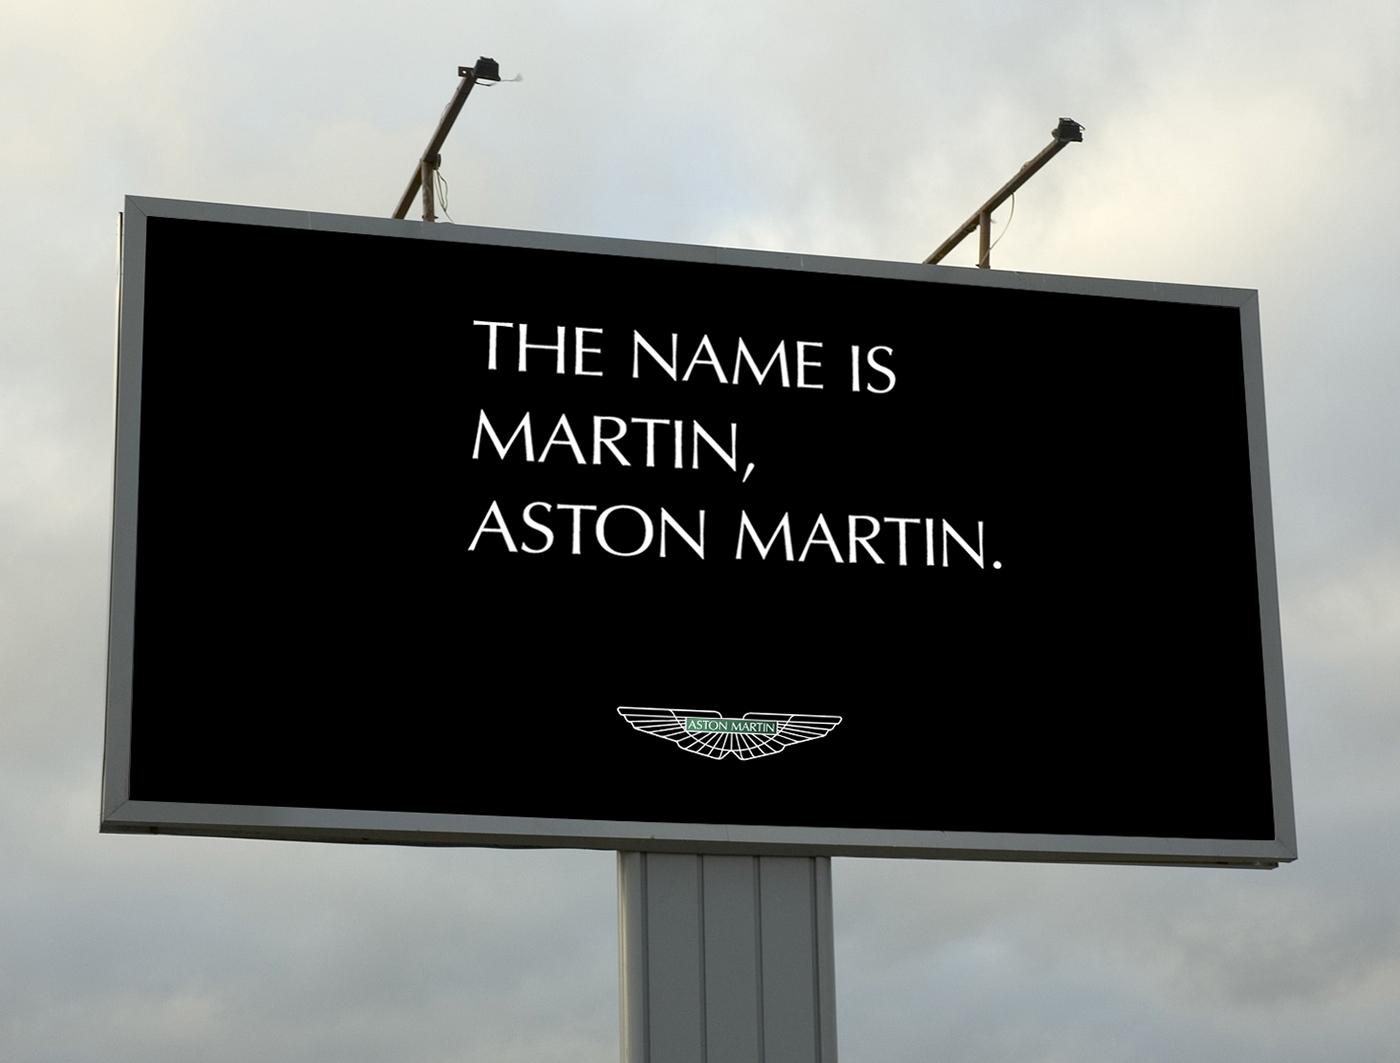 aston martin billboard ad on behance